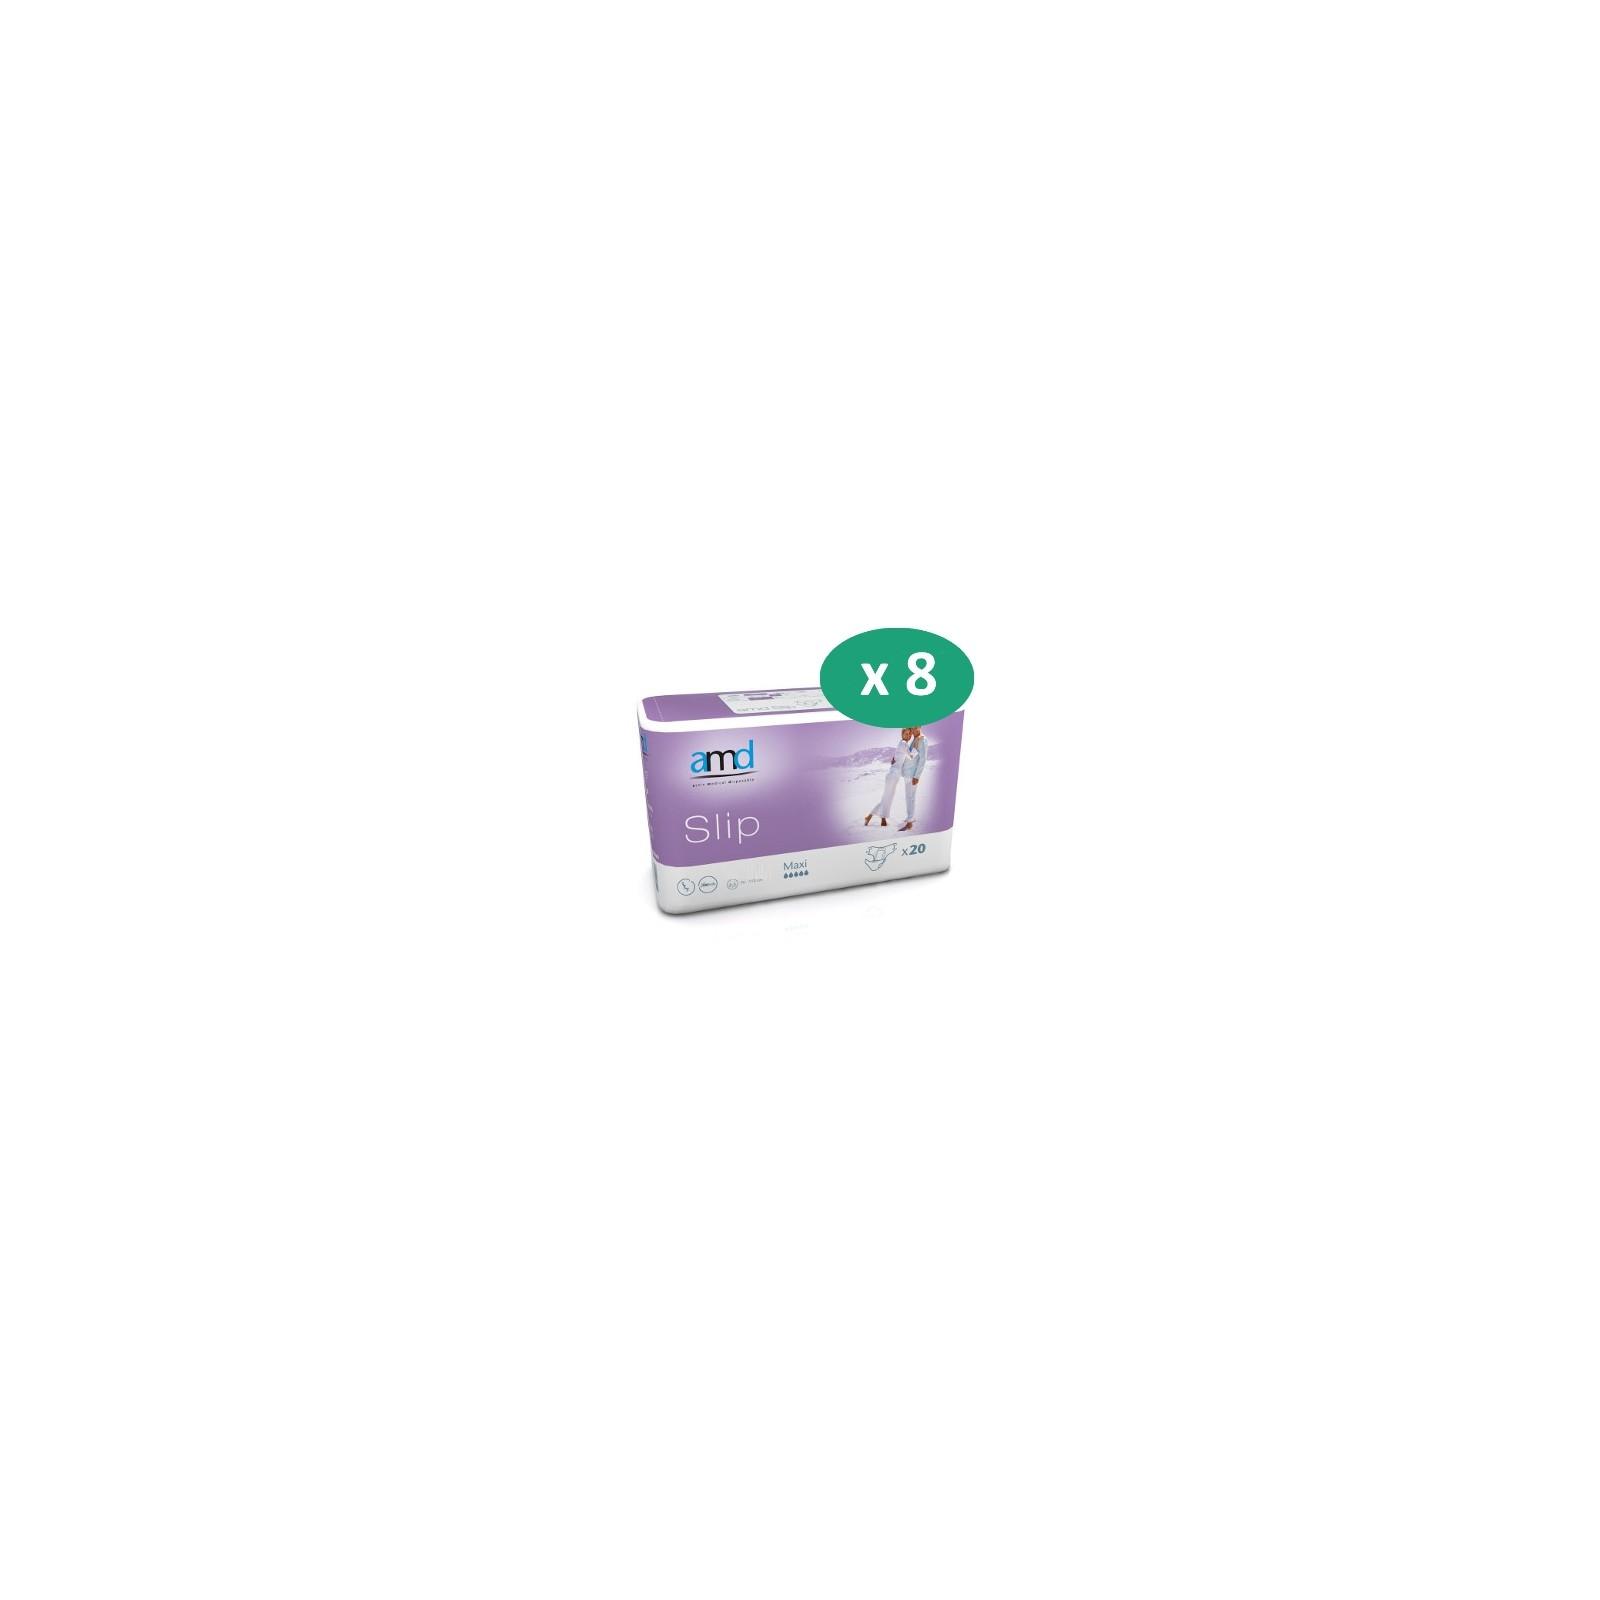 8 paquets de AMD Slip Maxi| SenUp.com